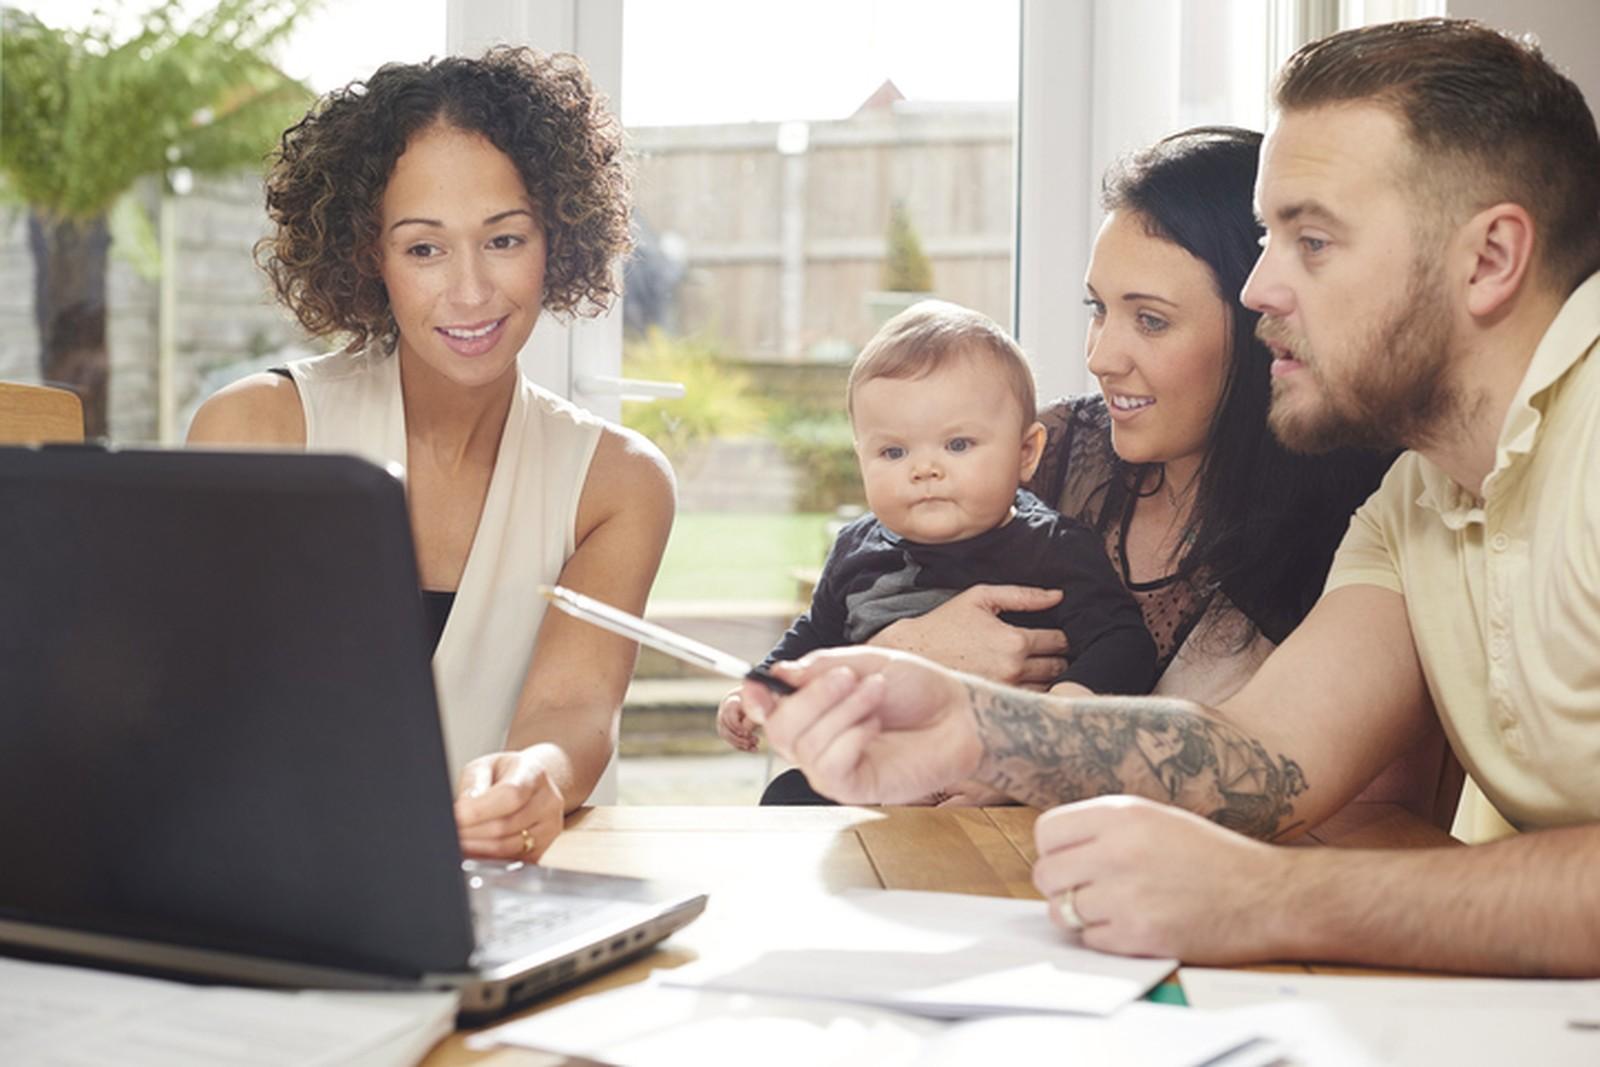 Previdência privada ou seguro de vida? Veja como combinar os dois para proteger a família